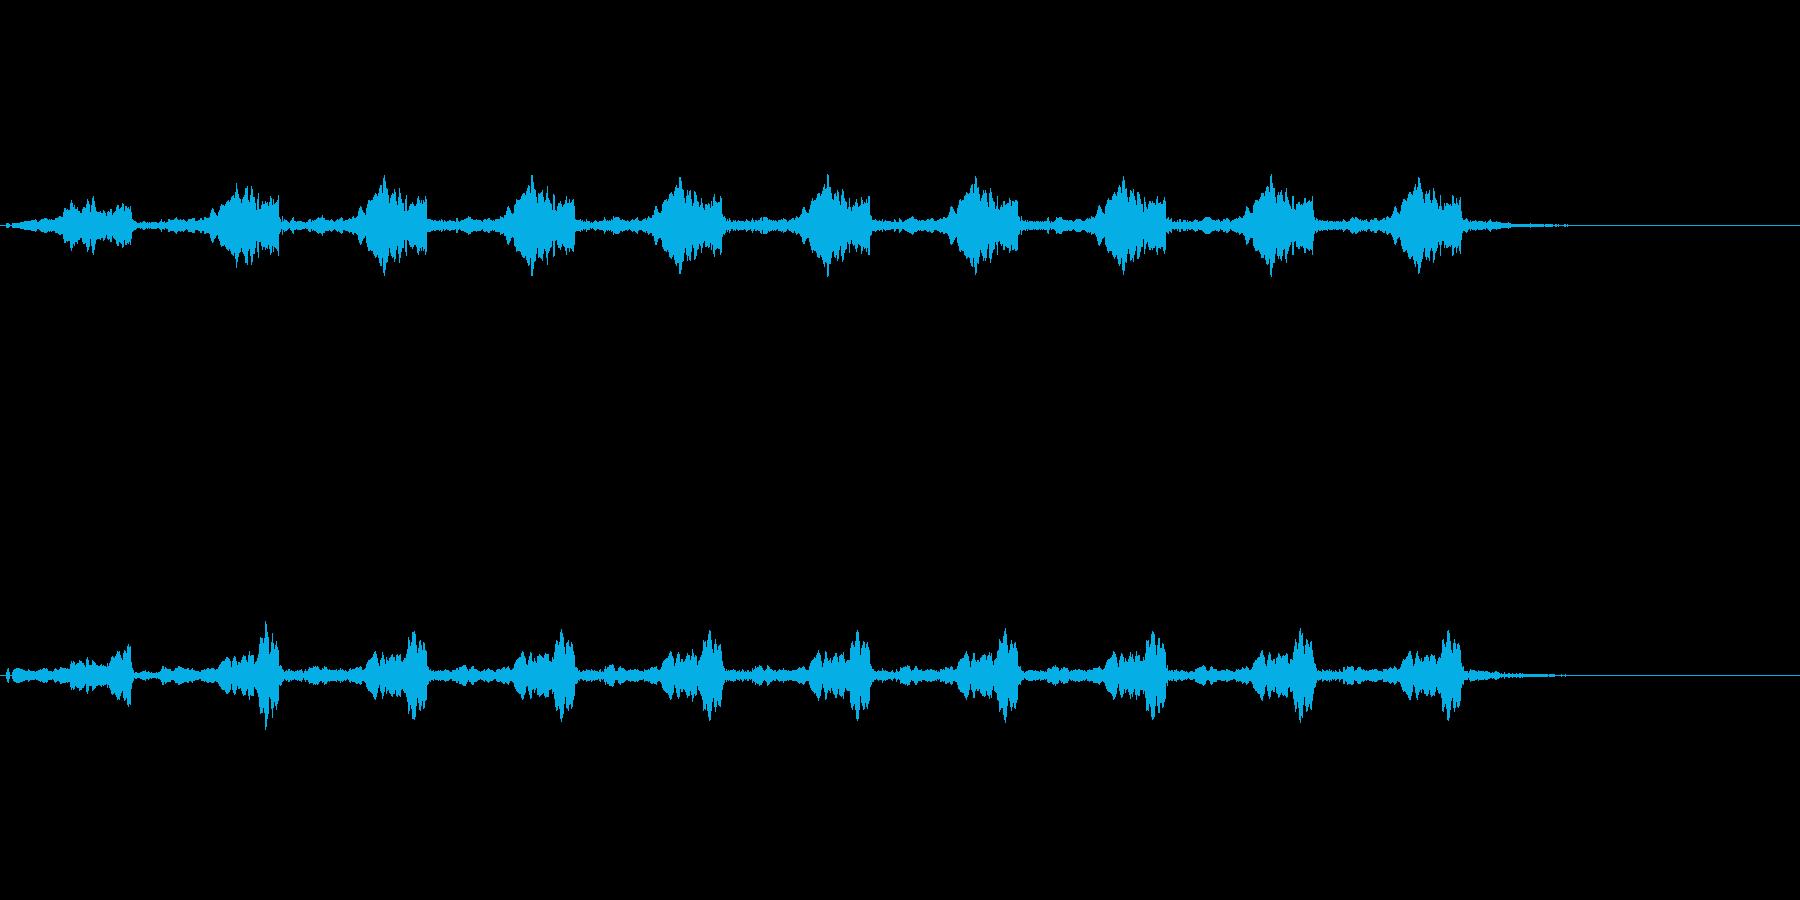 緊急事態発生 警報 サイレンの再生済みの波形